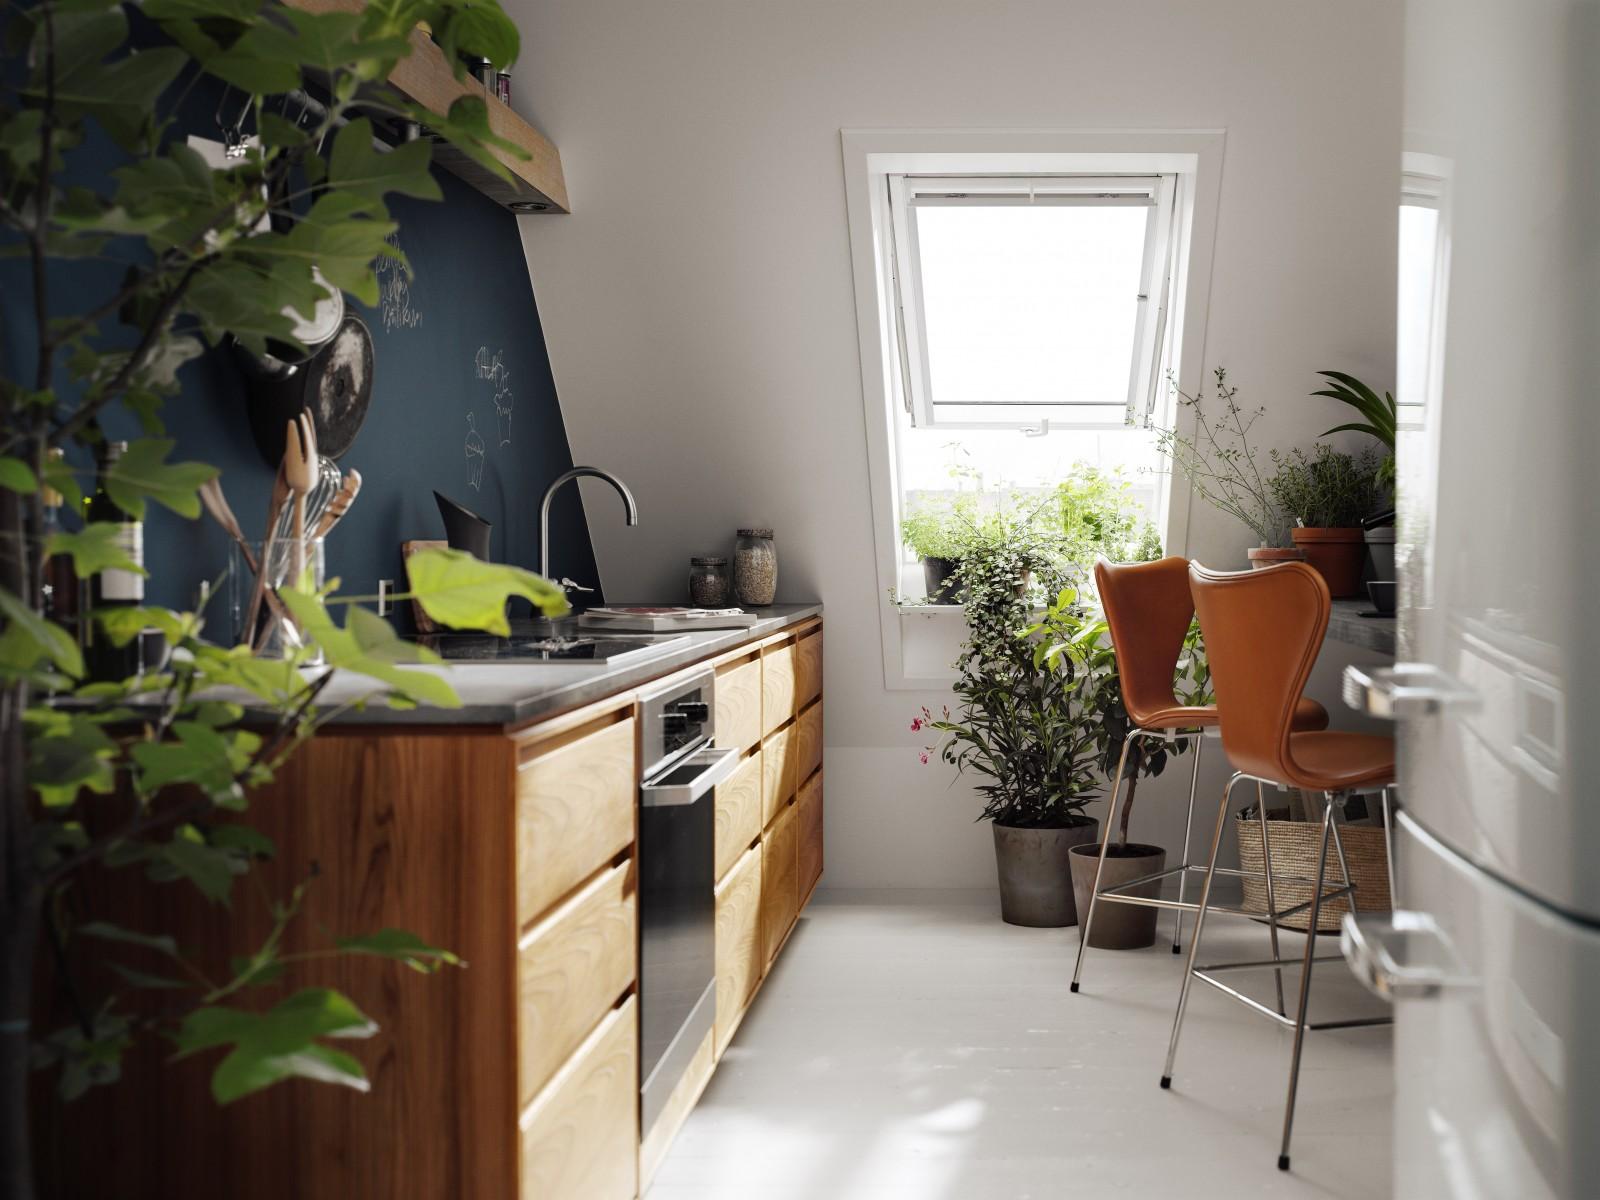 Plante Pour Salle De Bain Sombre laissez entrer la lumière et la nature pendant les mois sombres